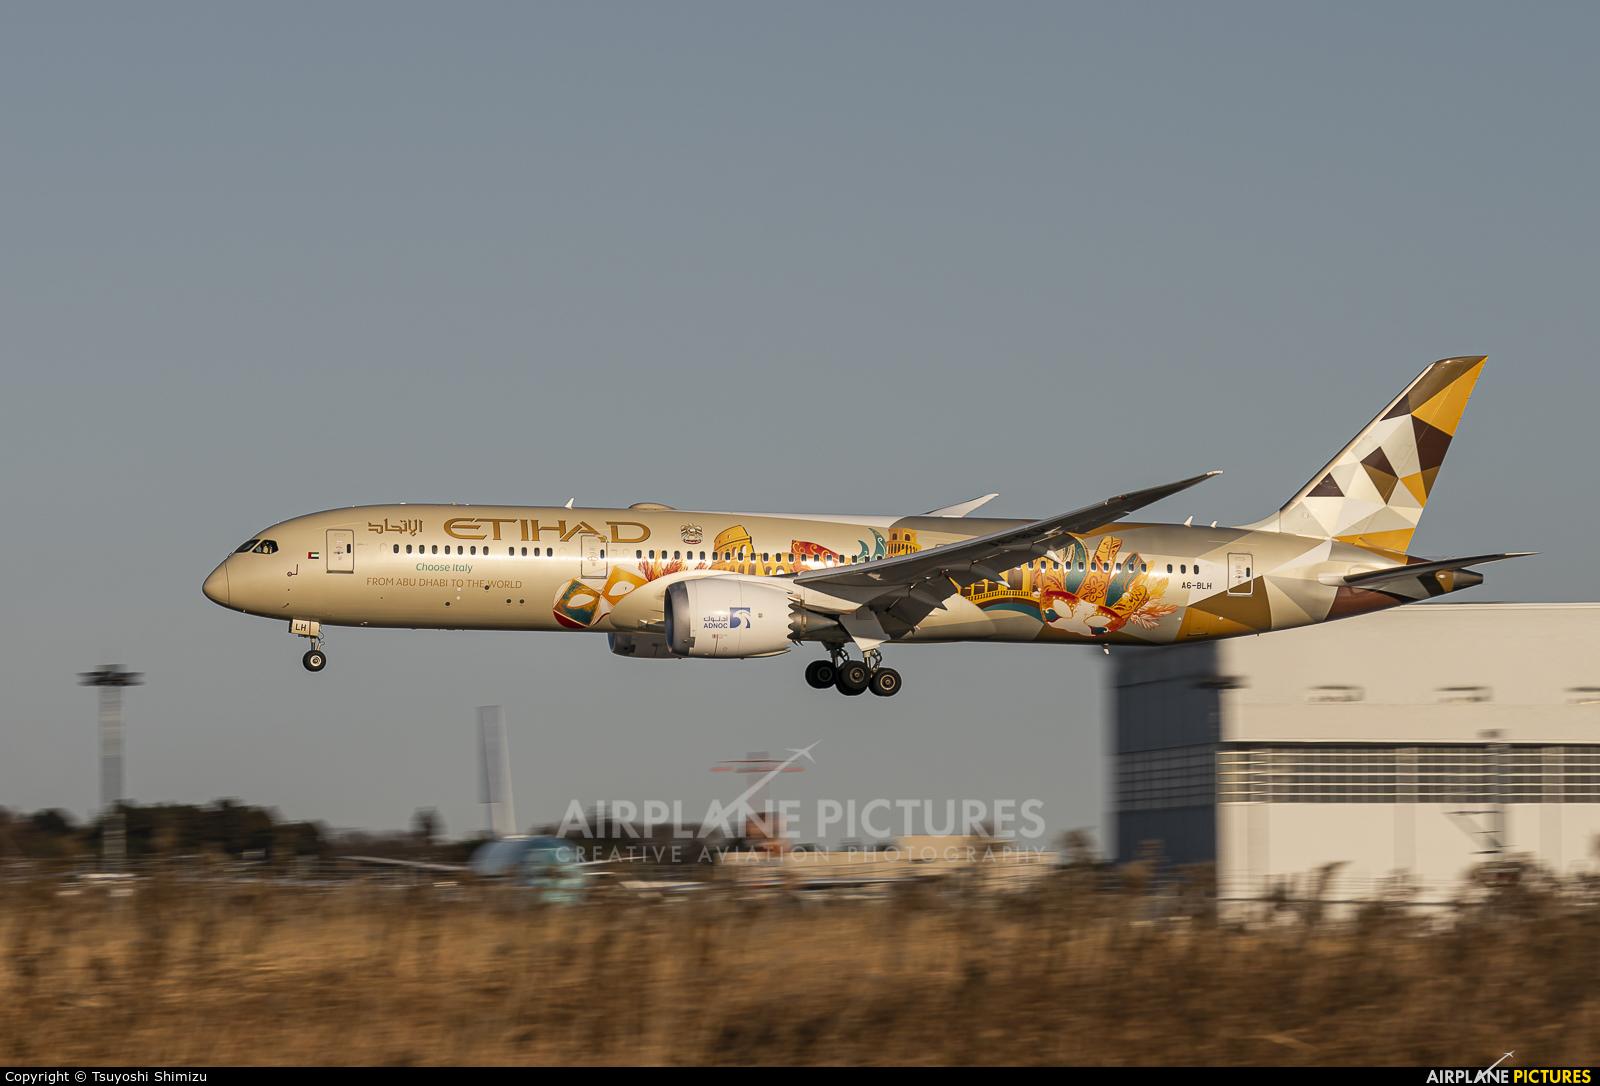 Etihad Airways A6-BLH aircraft at Tokyo - Narita Intl